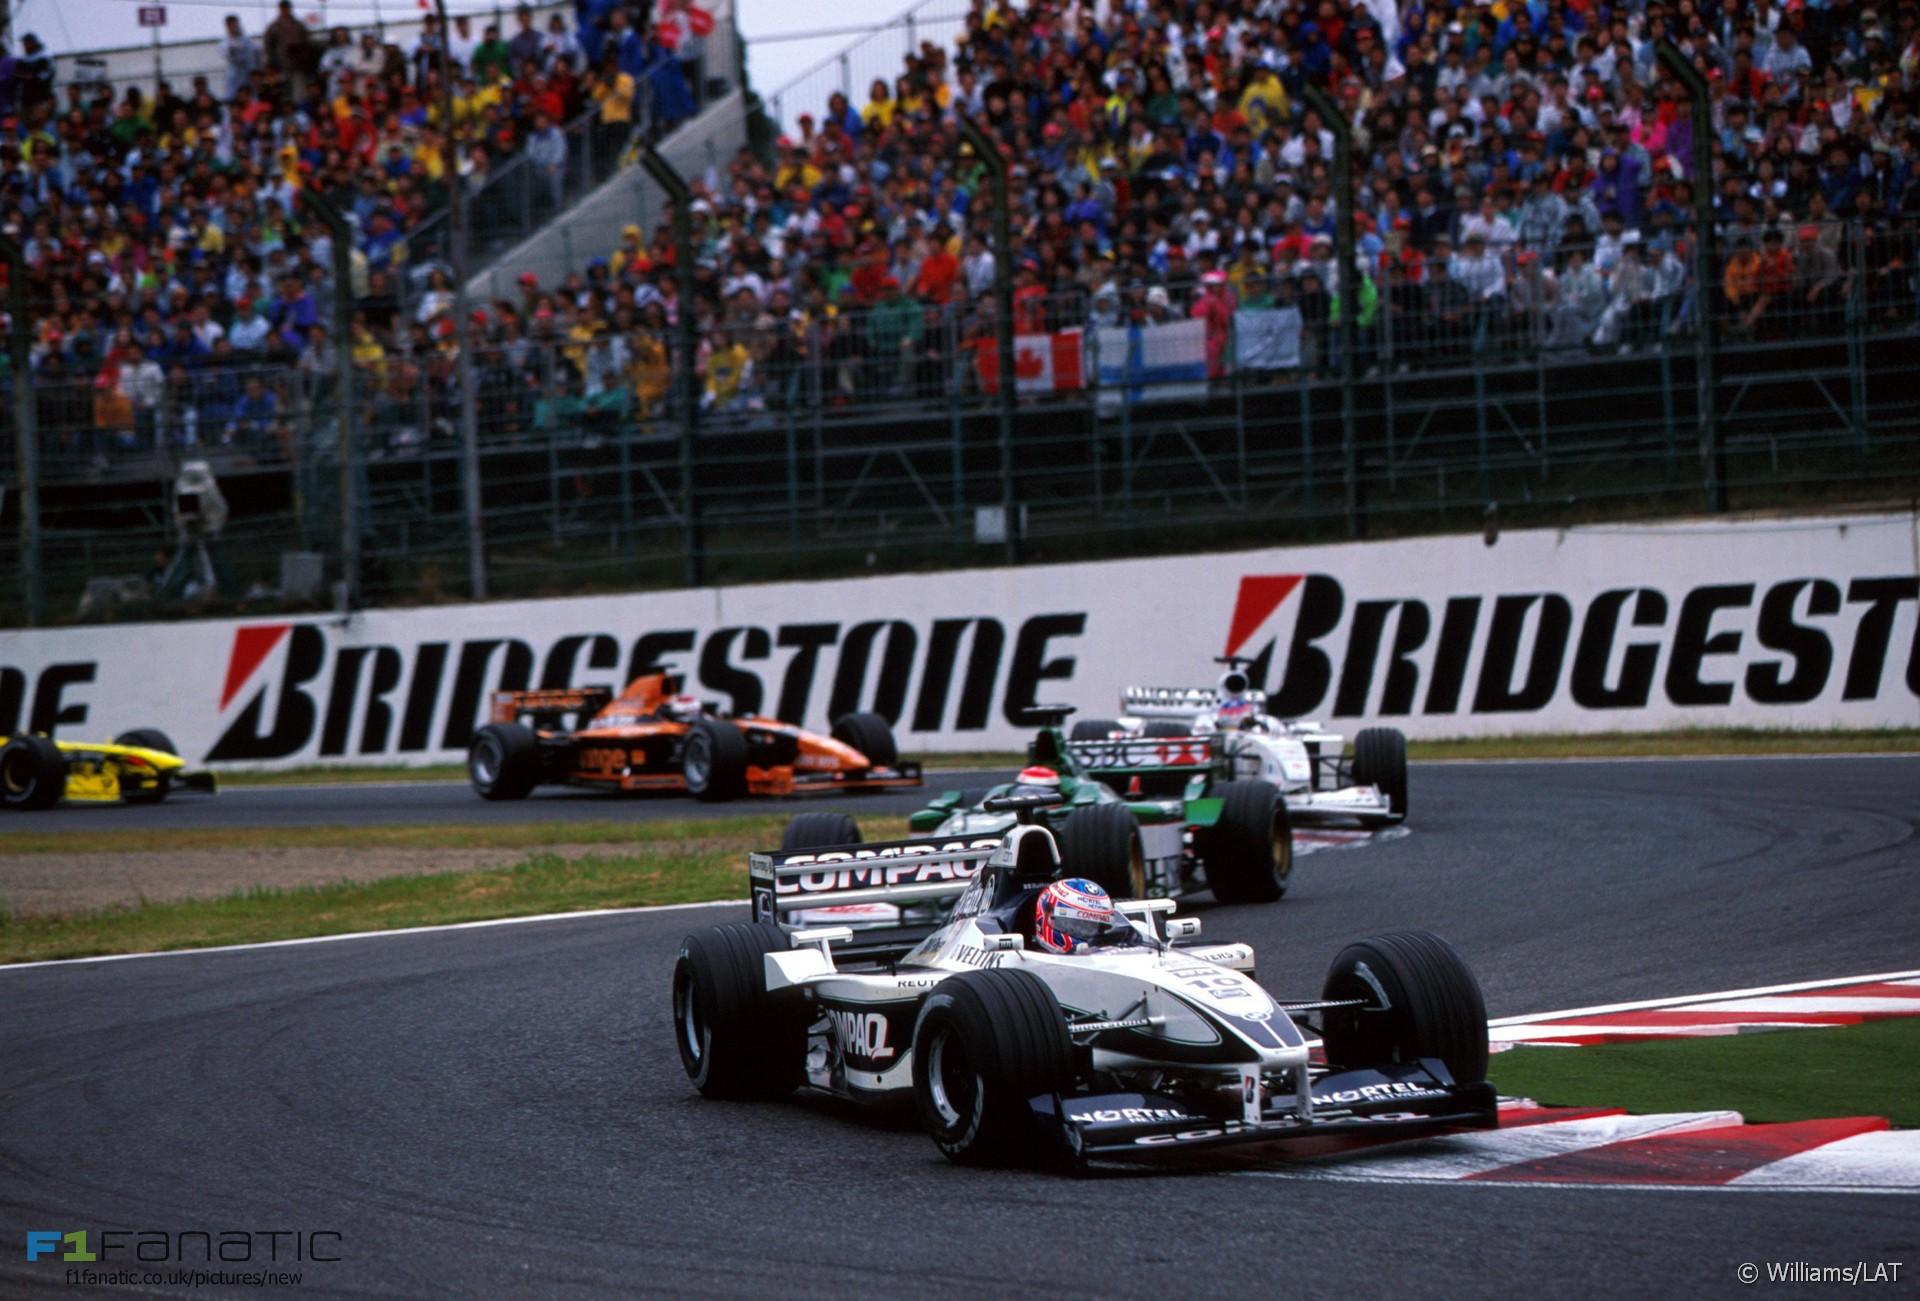 Jenson Button, Williams, Melbourne, 2000